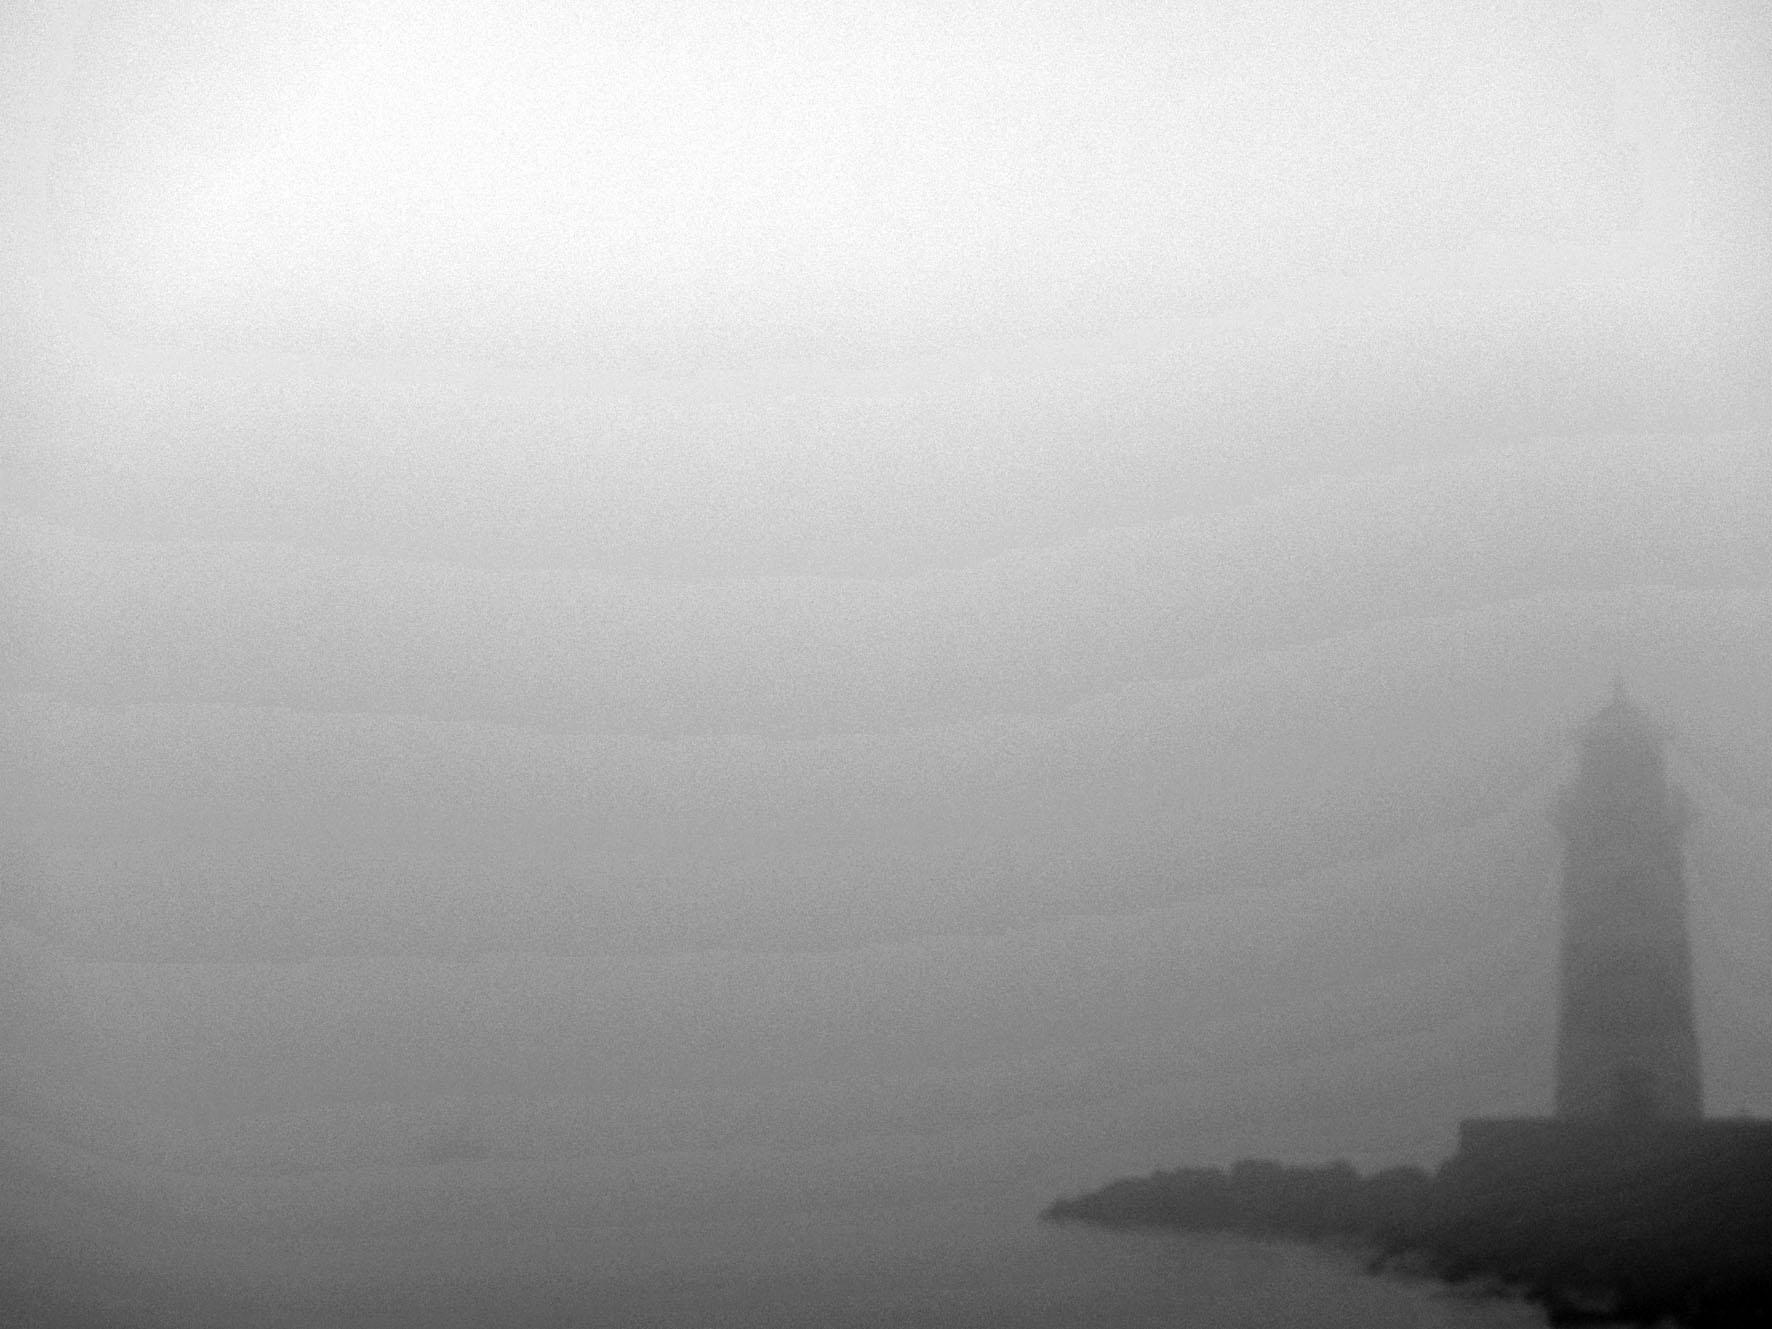 um halb 10 bis halb 12 plötzlich aufziehender pottendichter  Nebel